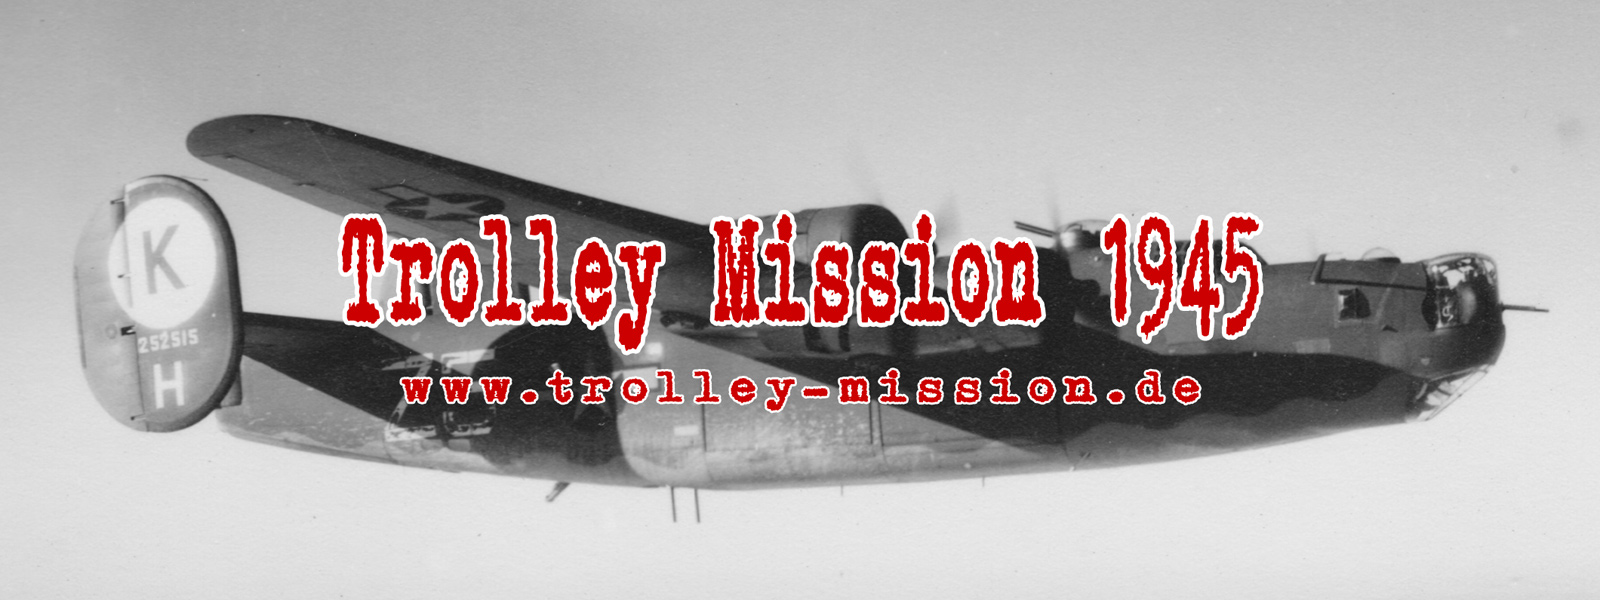 Luftbilder und Fotos von Deutschland während der Trolley Mission im Mai 1945